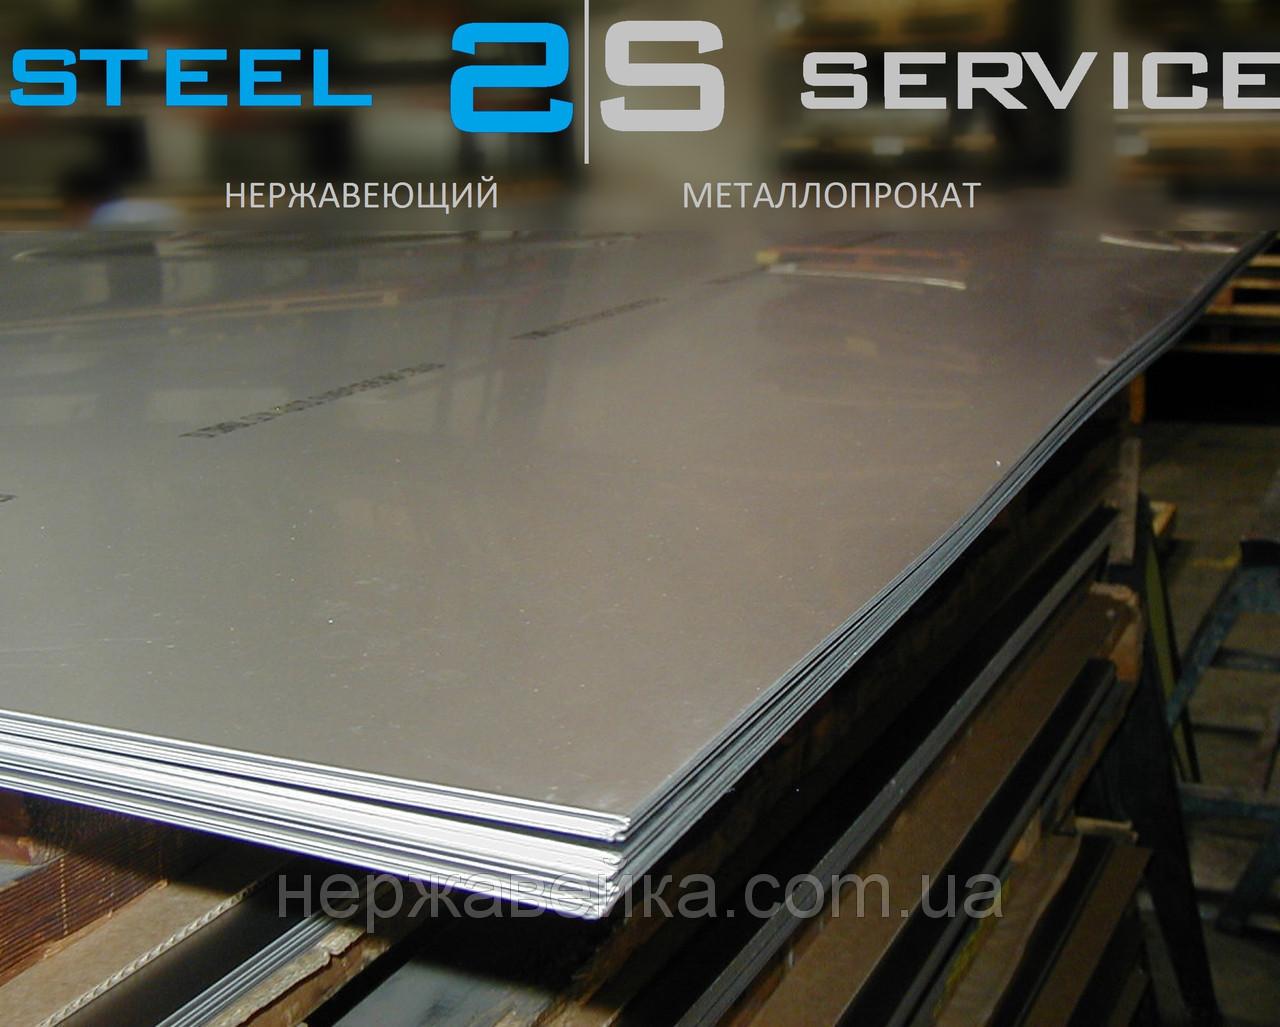 Листовая нержавейка 14х1500х6000мм  AISI 309(20Х23Н13, 20Х20Н14С2) F1 - горячекатанный,  жаропрочный